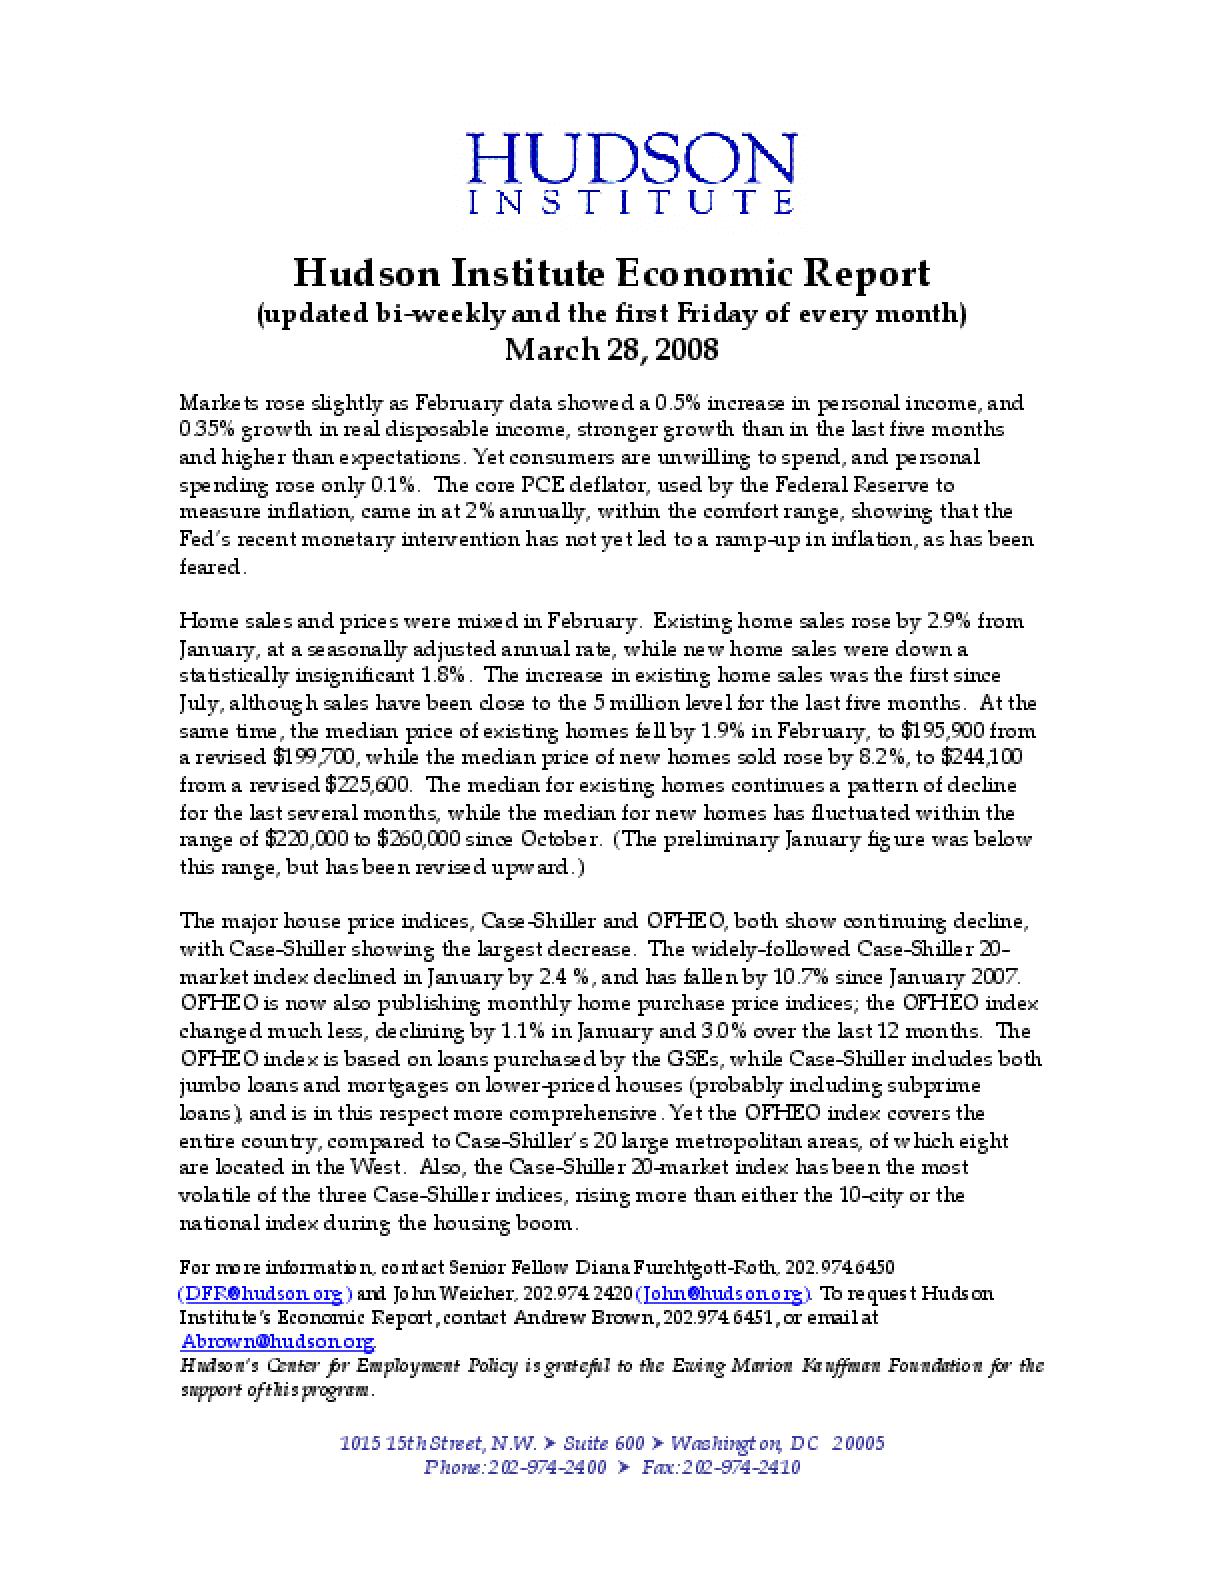 Hudson Institute Economic Report 03-28-2008